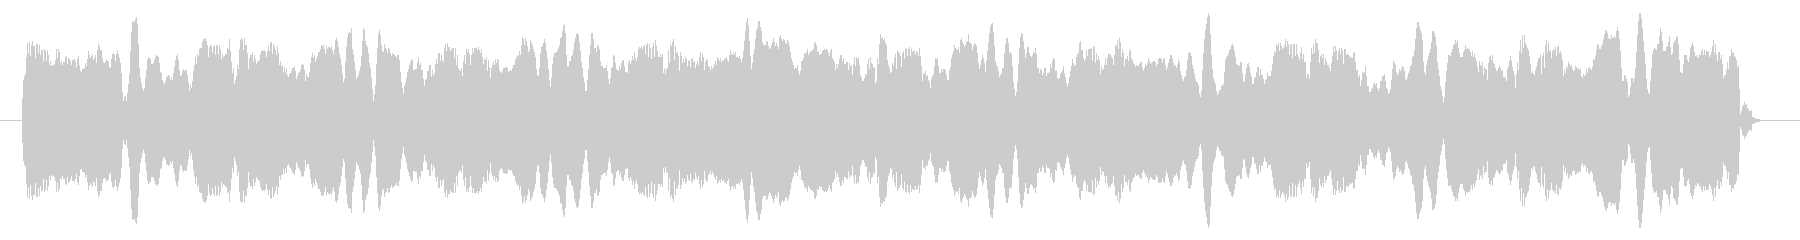 8bitパワーU-D-02-2_dryの未再生の波形